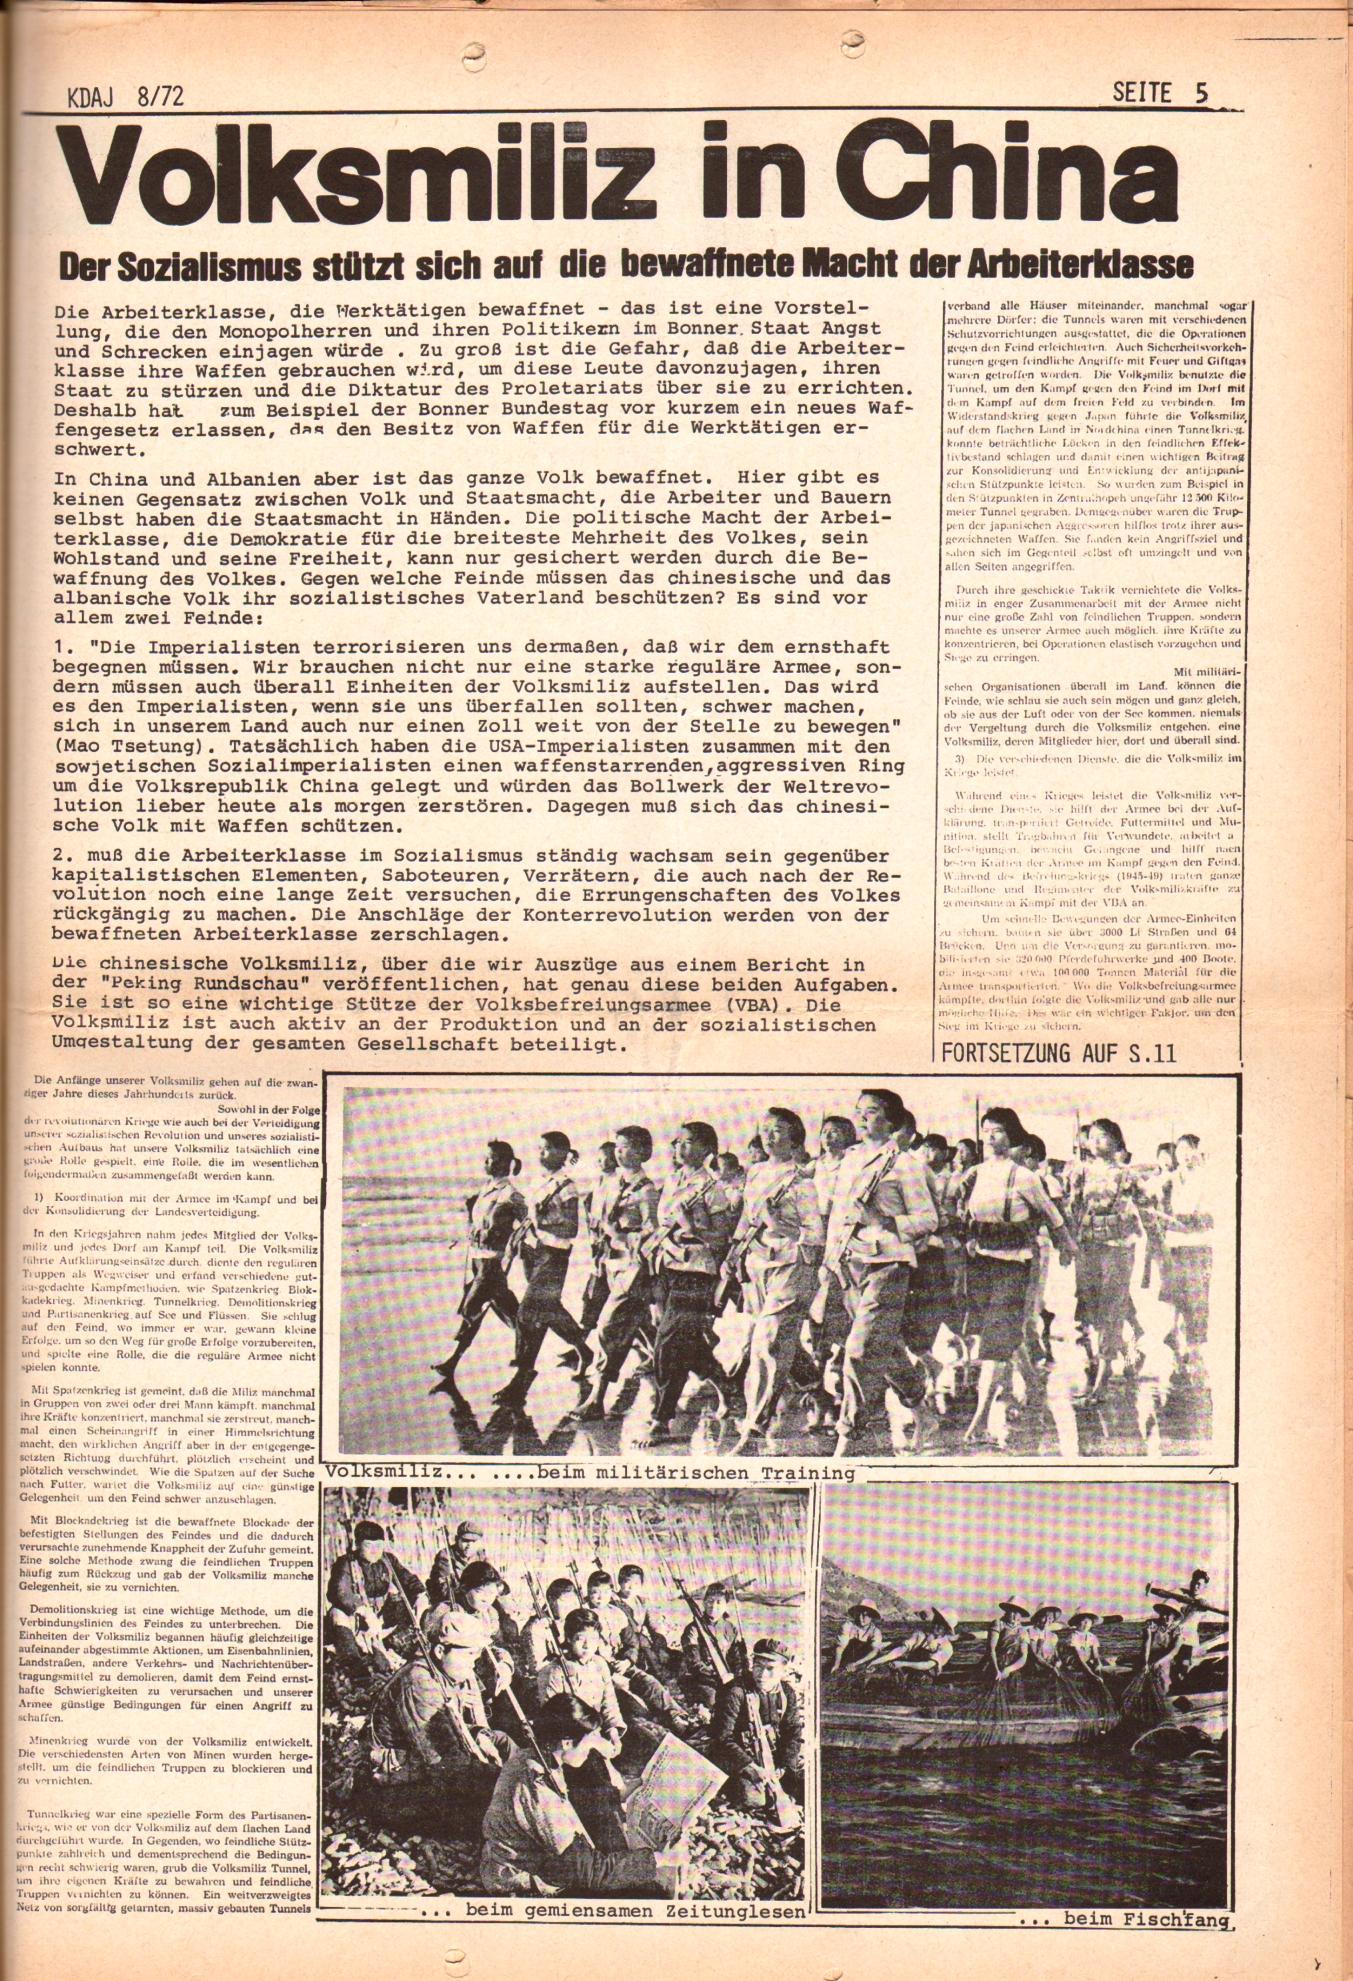 KDAJ, 3. Jg., September 1972, Nr. 8, Seite 5